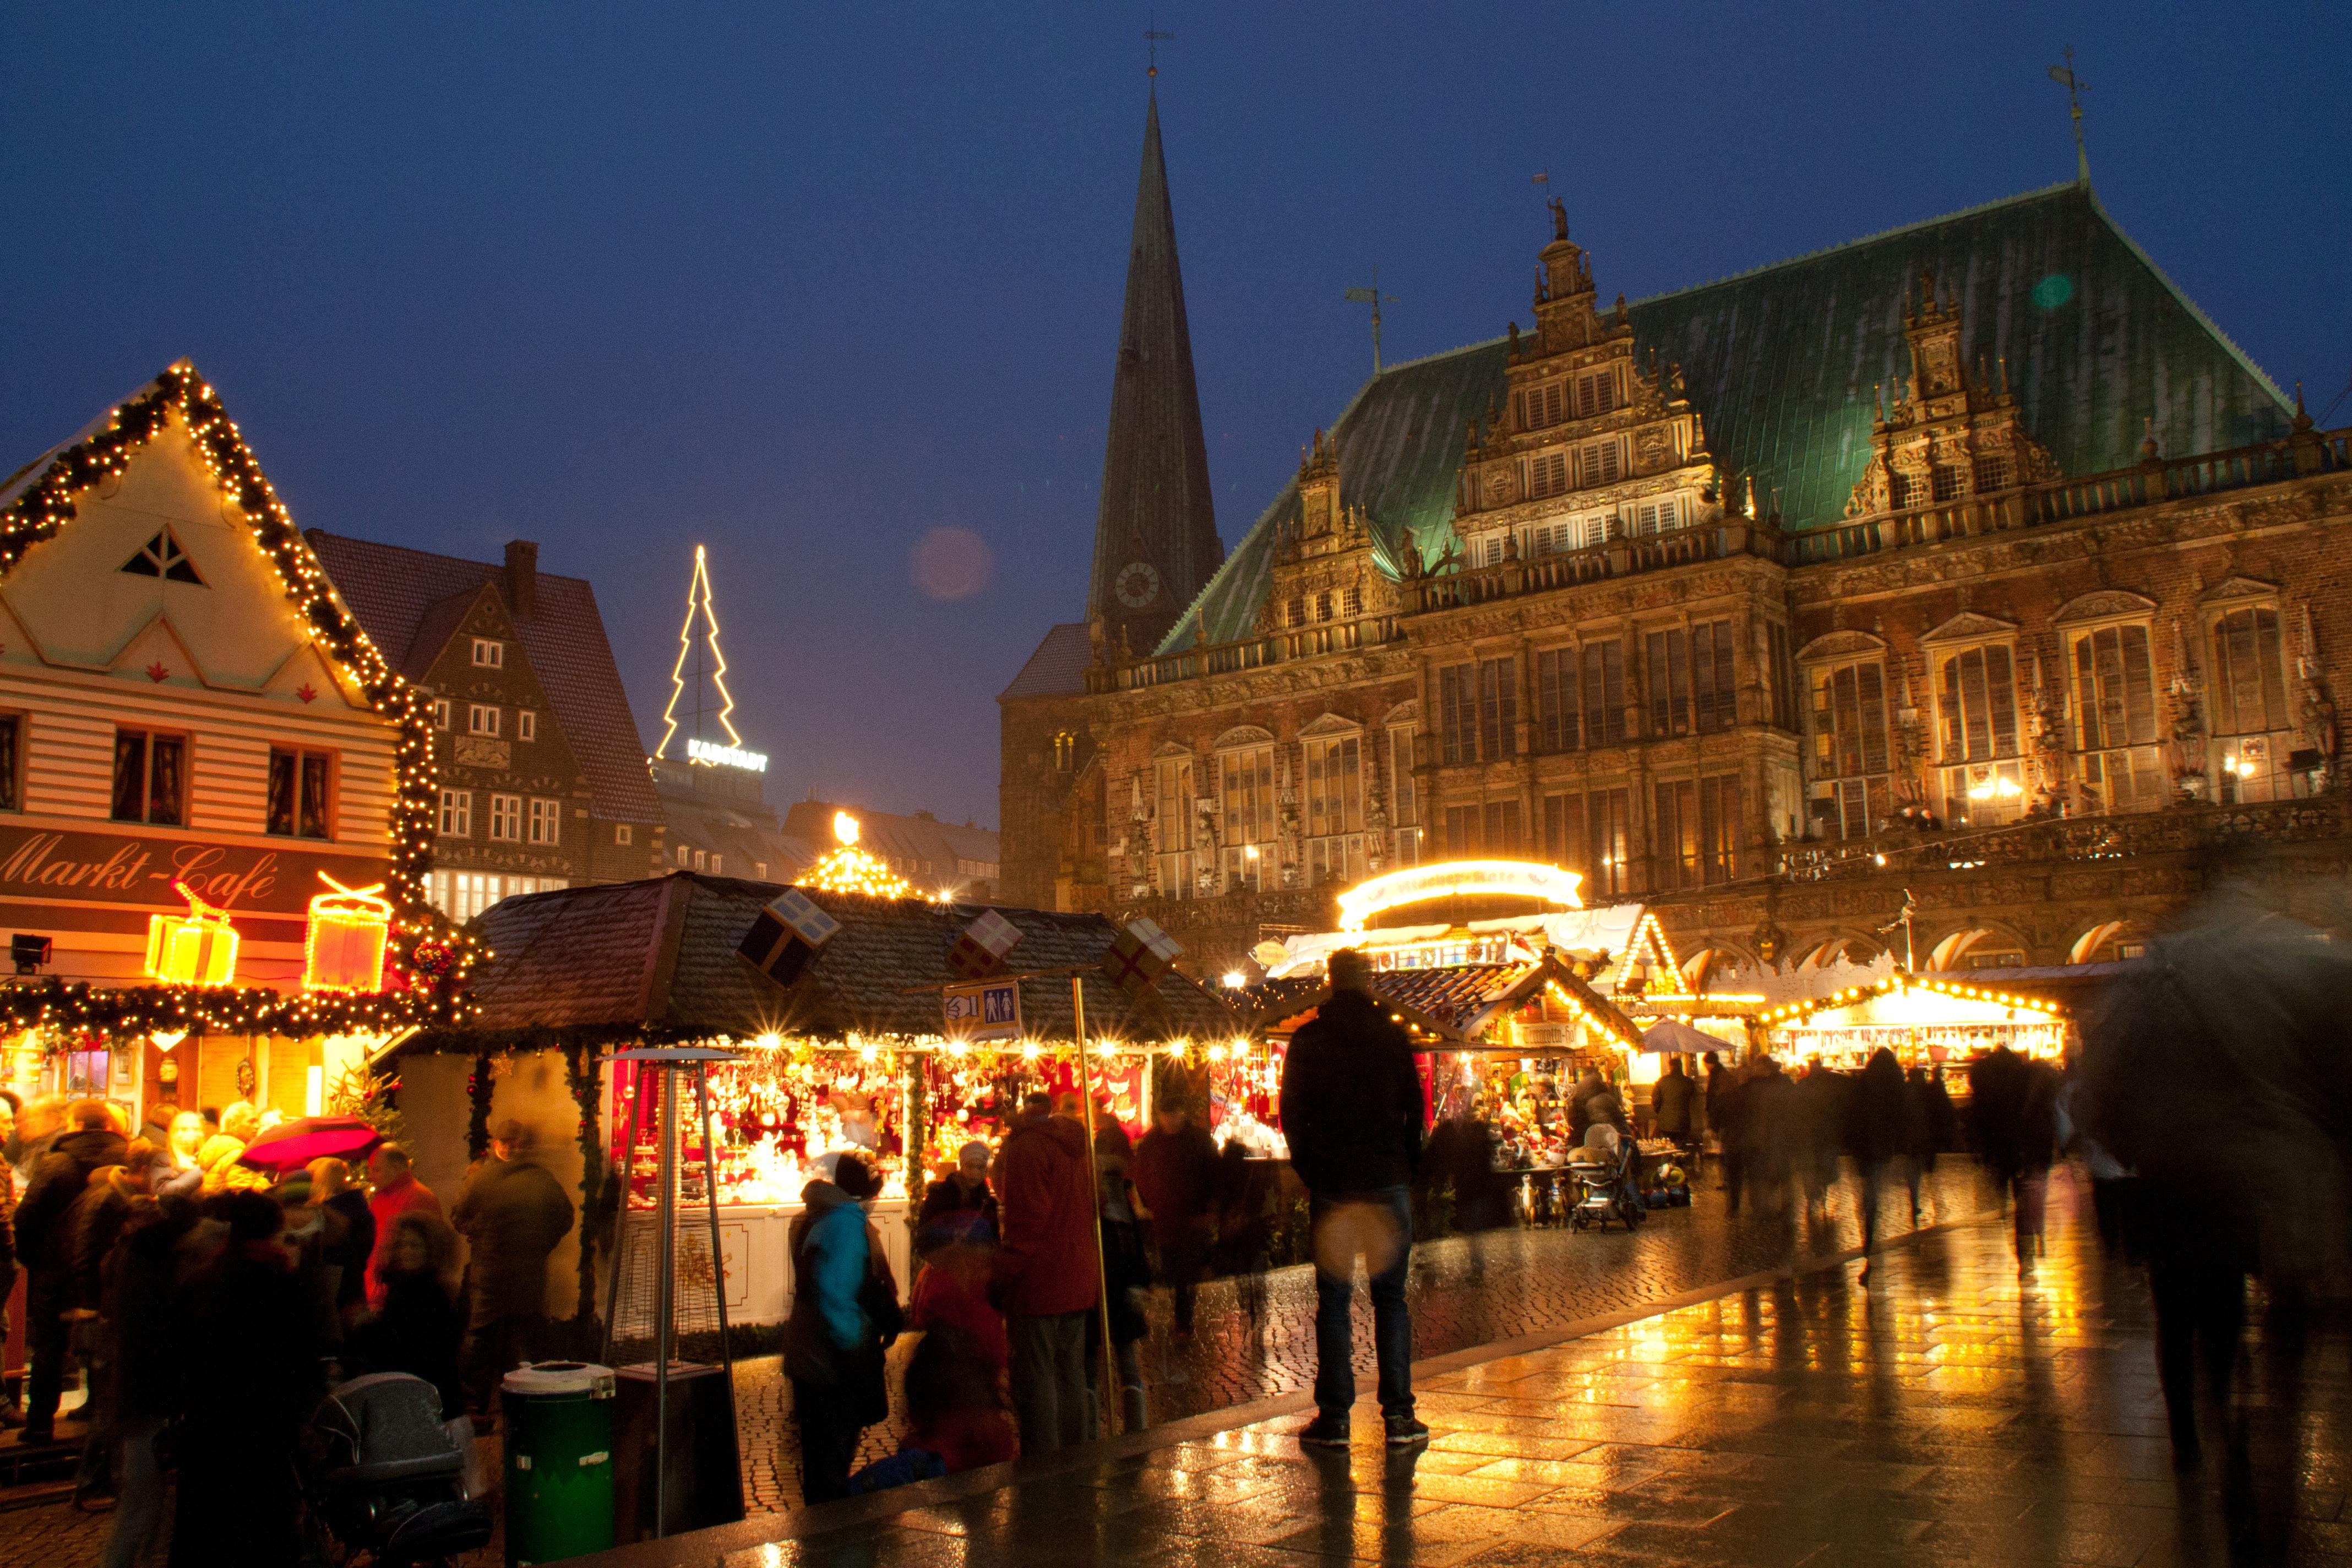 © Carolin Hinz / BTZ Bremer Touristik-Zentrale: Der Bremer Weihnachtsmarkt auf dem historischen Marktplatz